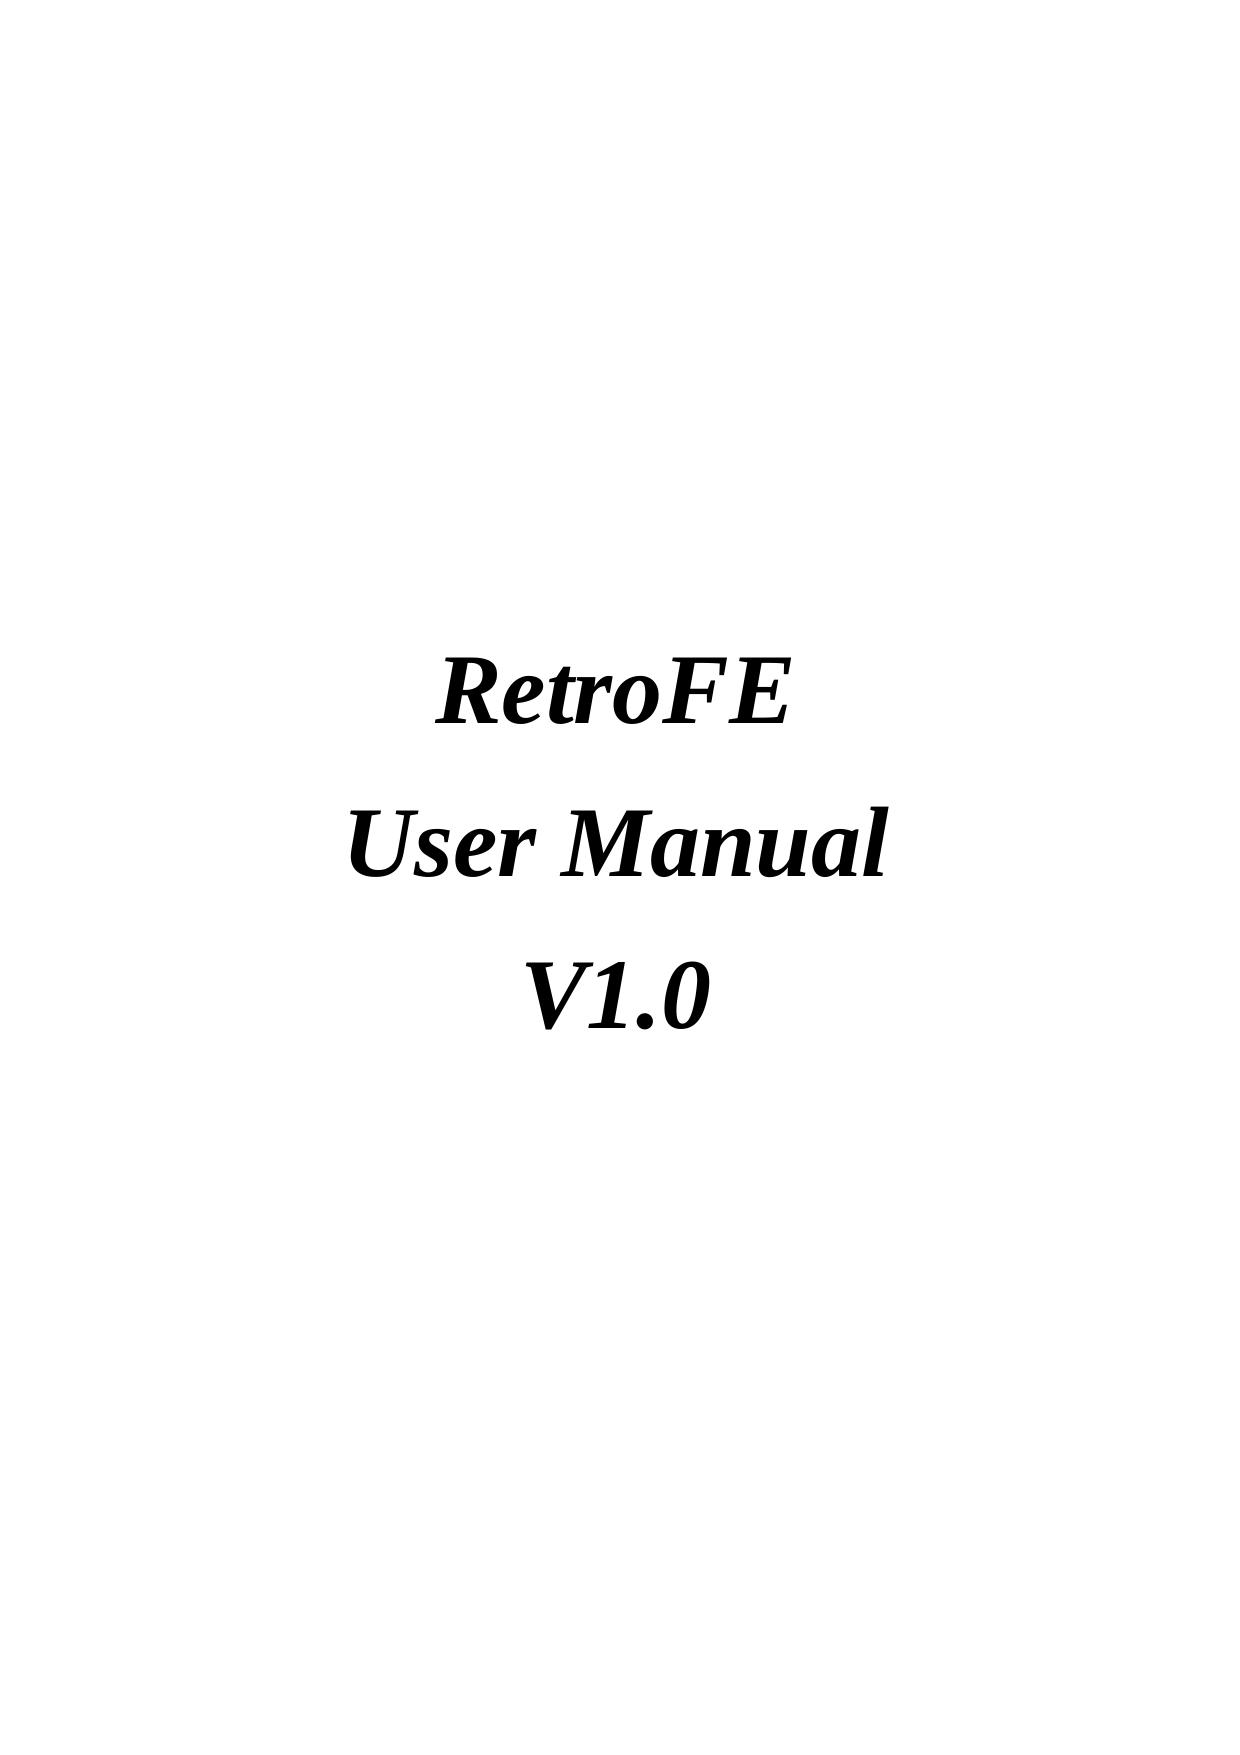 RetroFE User Manual V1 0 | manualzz com